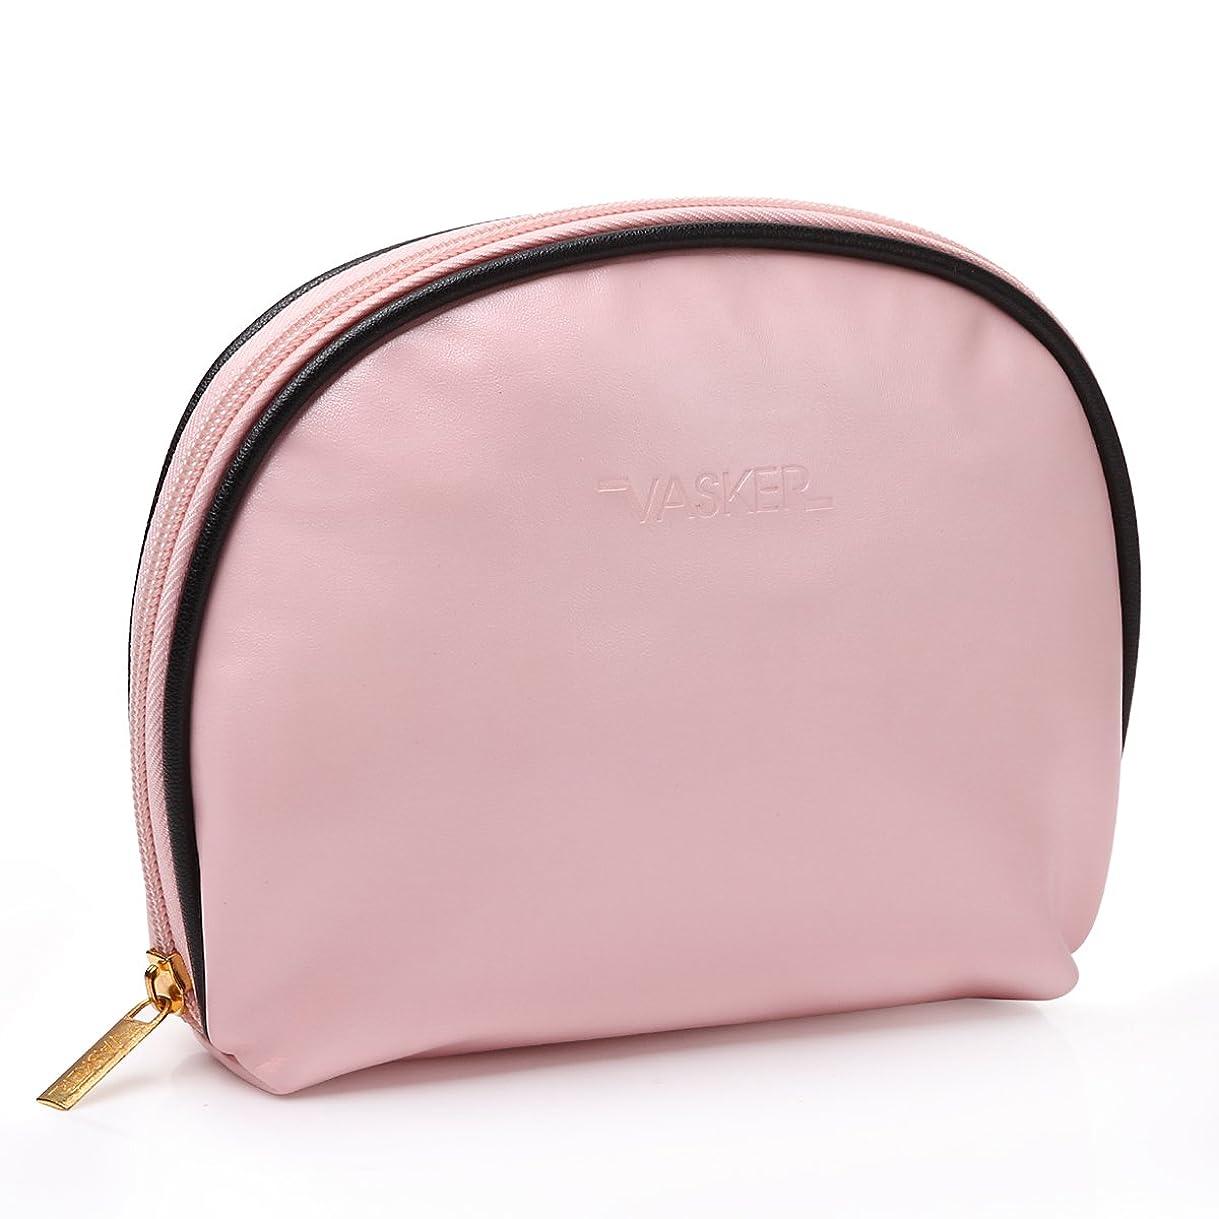 統計的と闘う大洪水VASKER メイクアップバッグ 化粧ポーチ 高品質 小物入れ レディース用 ピンク